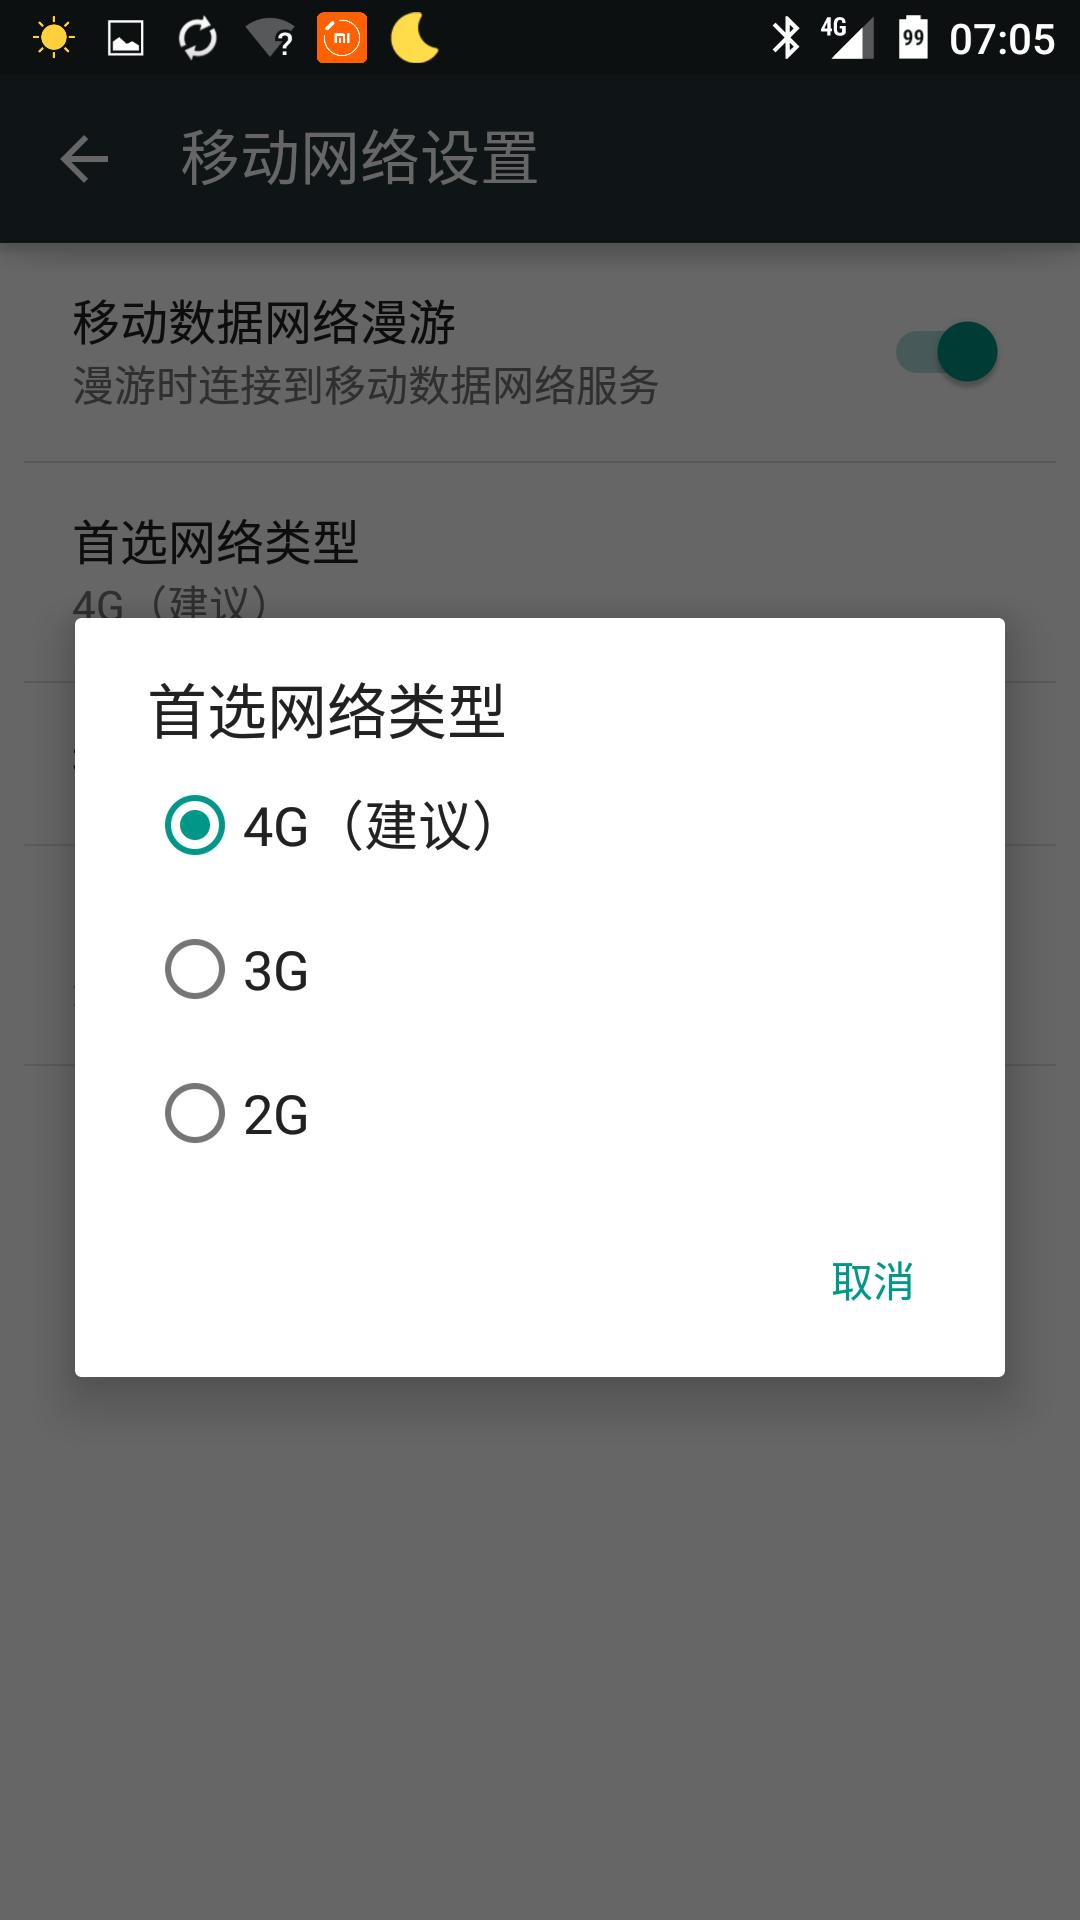 小米4刷机到安卓5.1后怎么才能刷回miui7系统